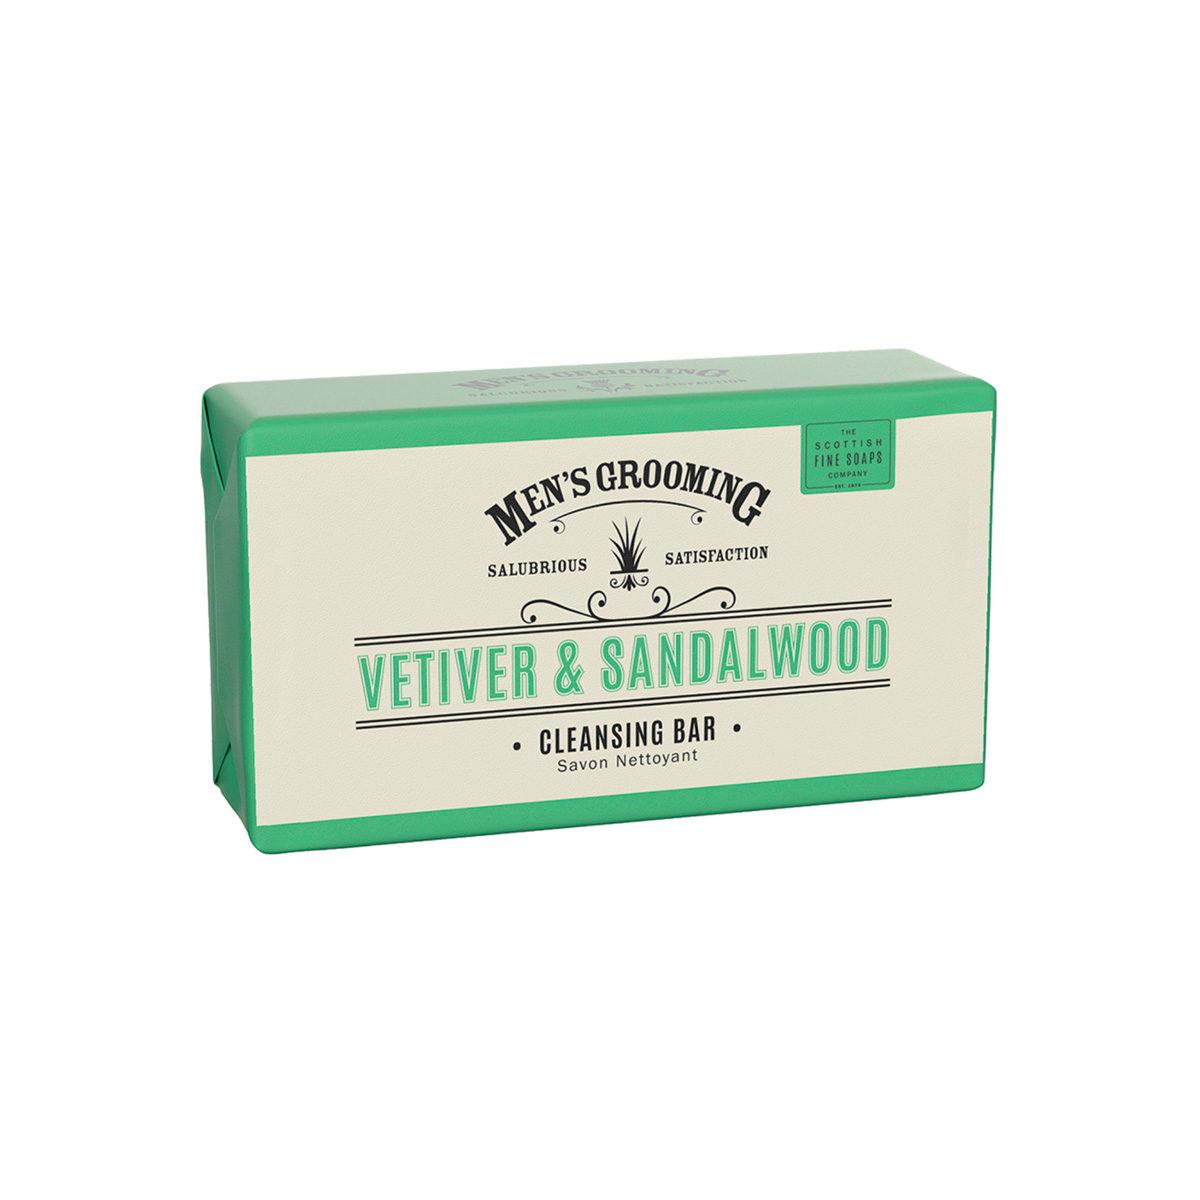 Vetiver & Sandalwood Cleansing Body Bar